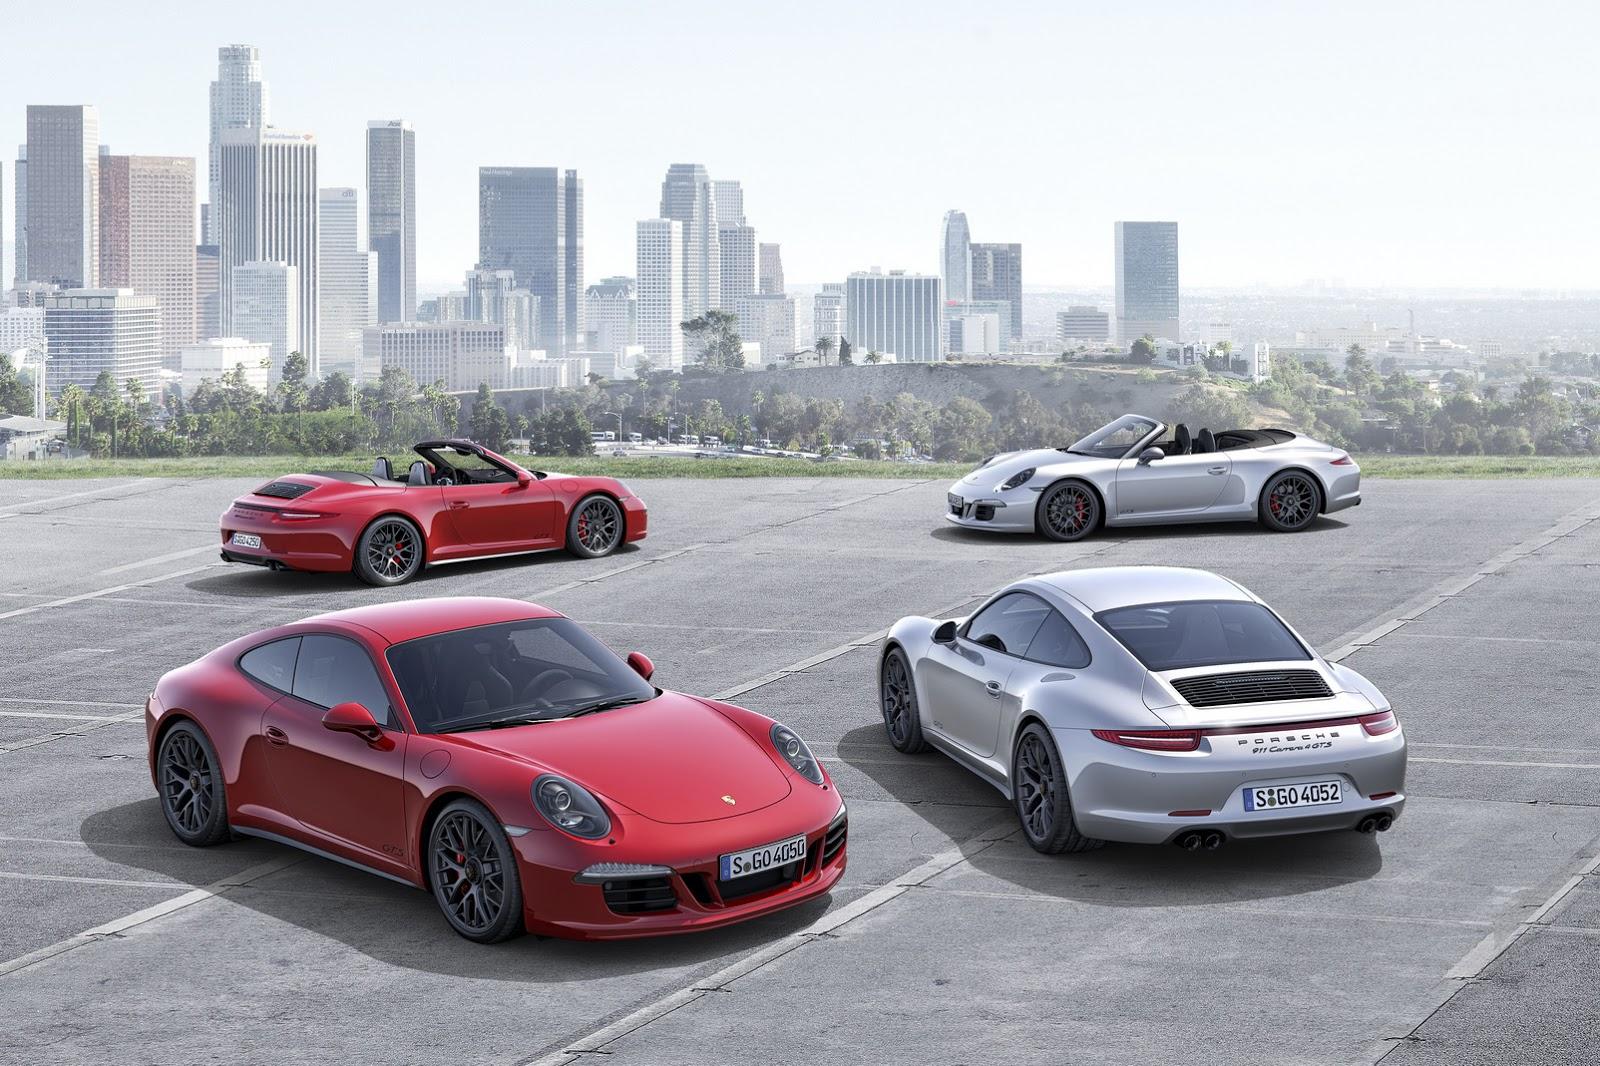 Porsche 911 Carrera GTS về Việt Nam giá từ 7,1 tỷ đồng